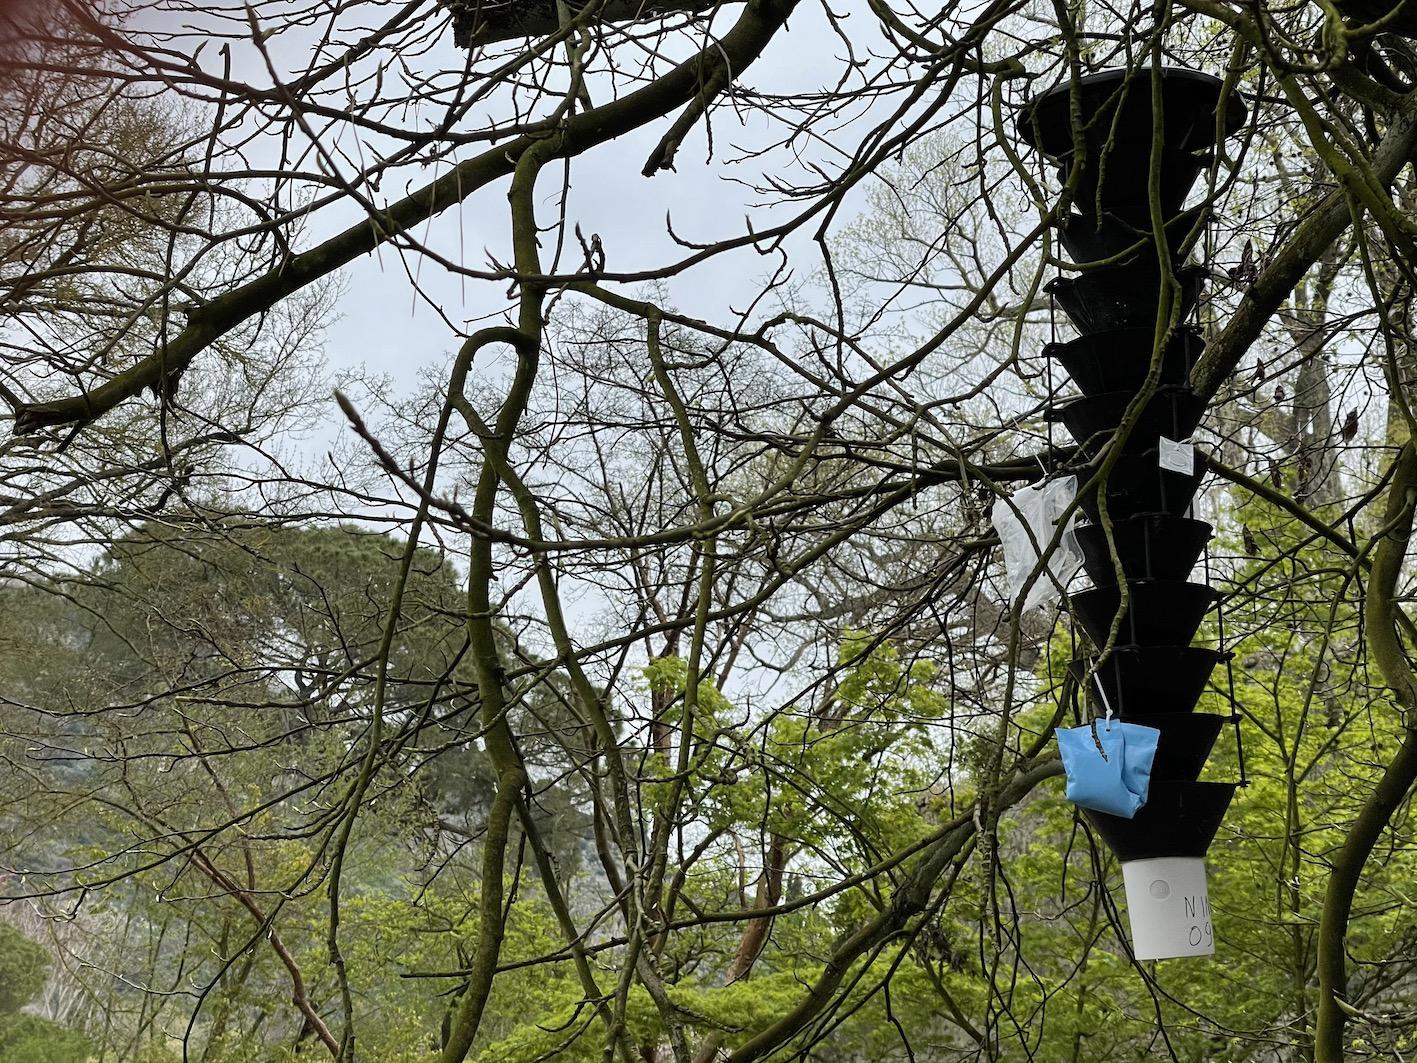 Monumento naturale, via al censimento degli insetti